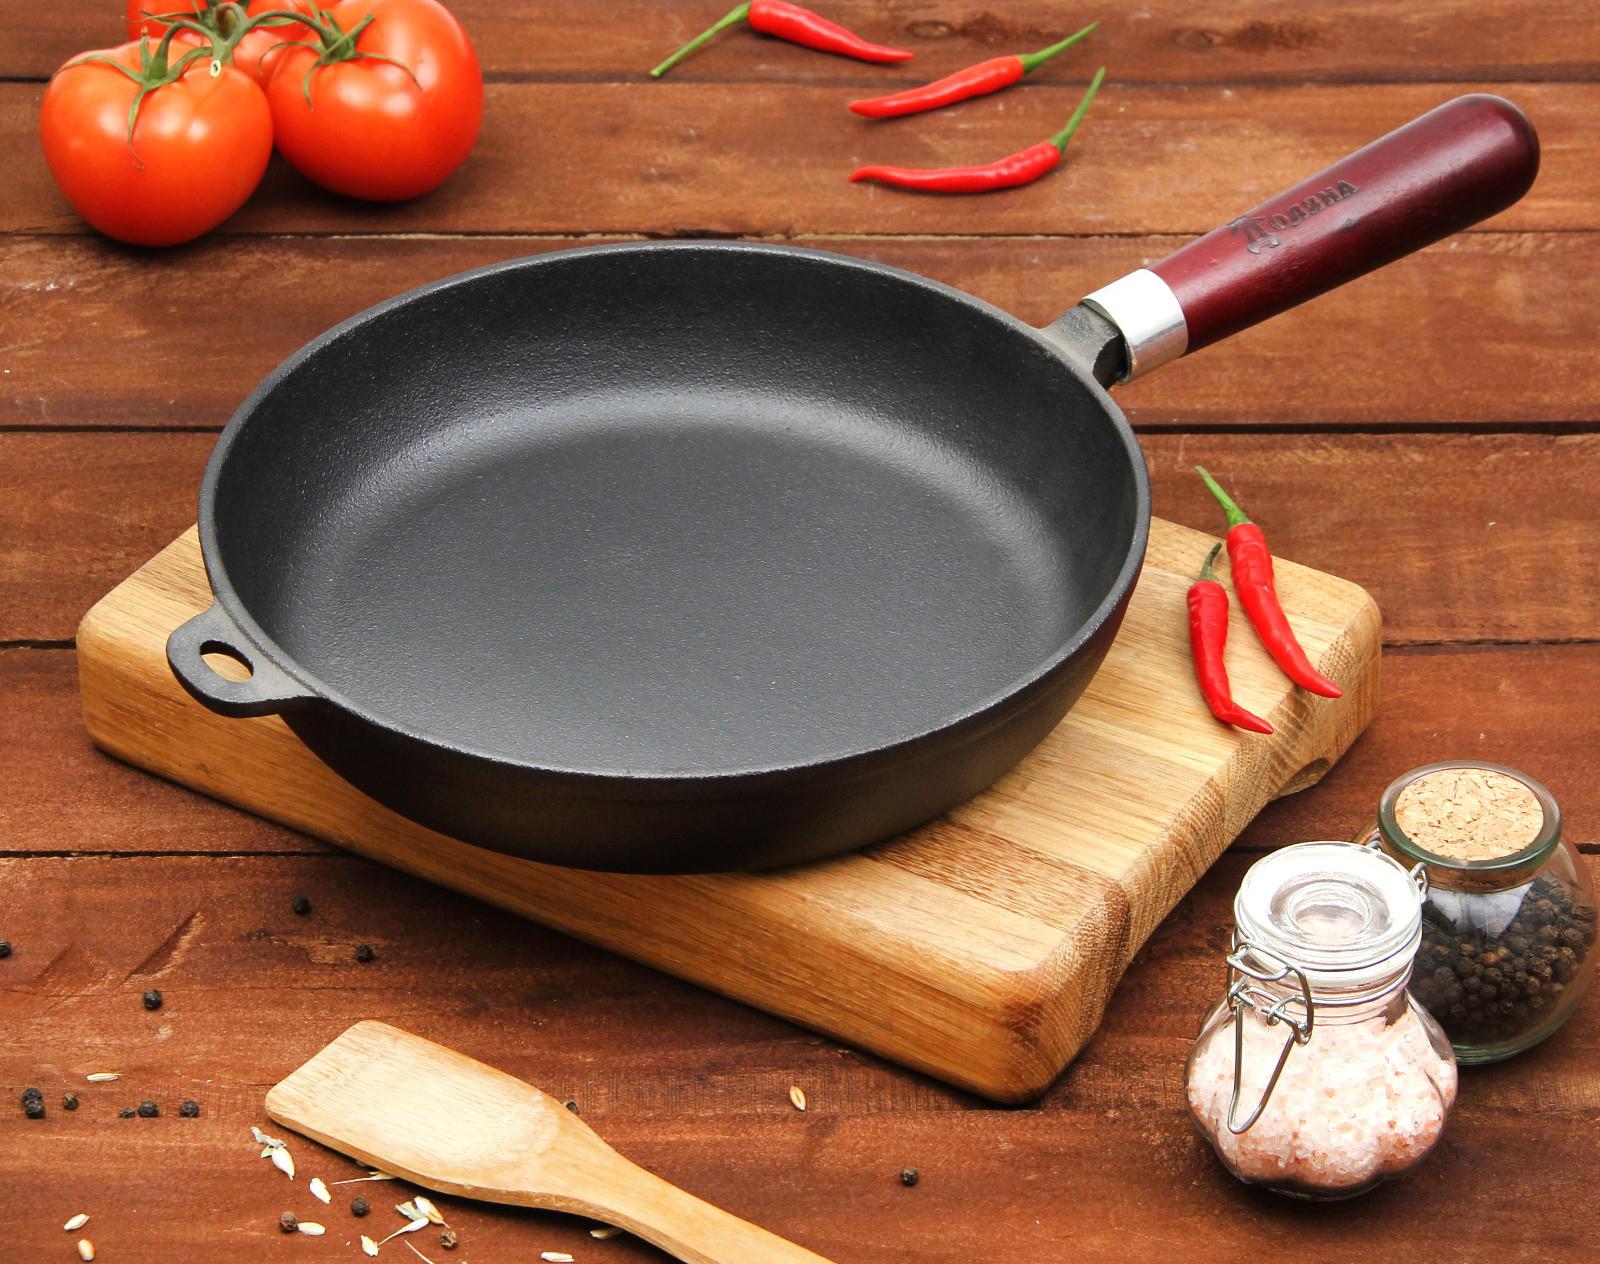 Фото чугунной сковороды